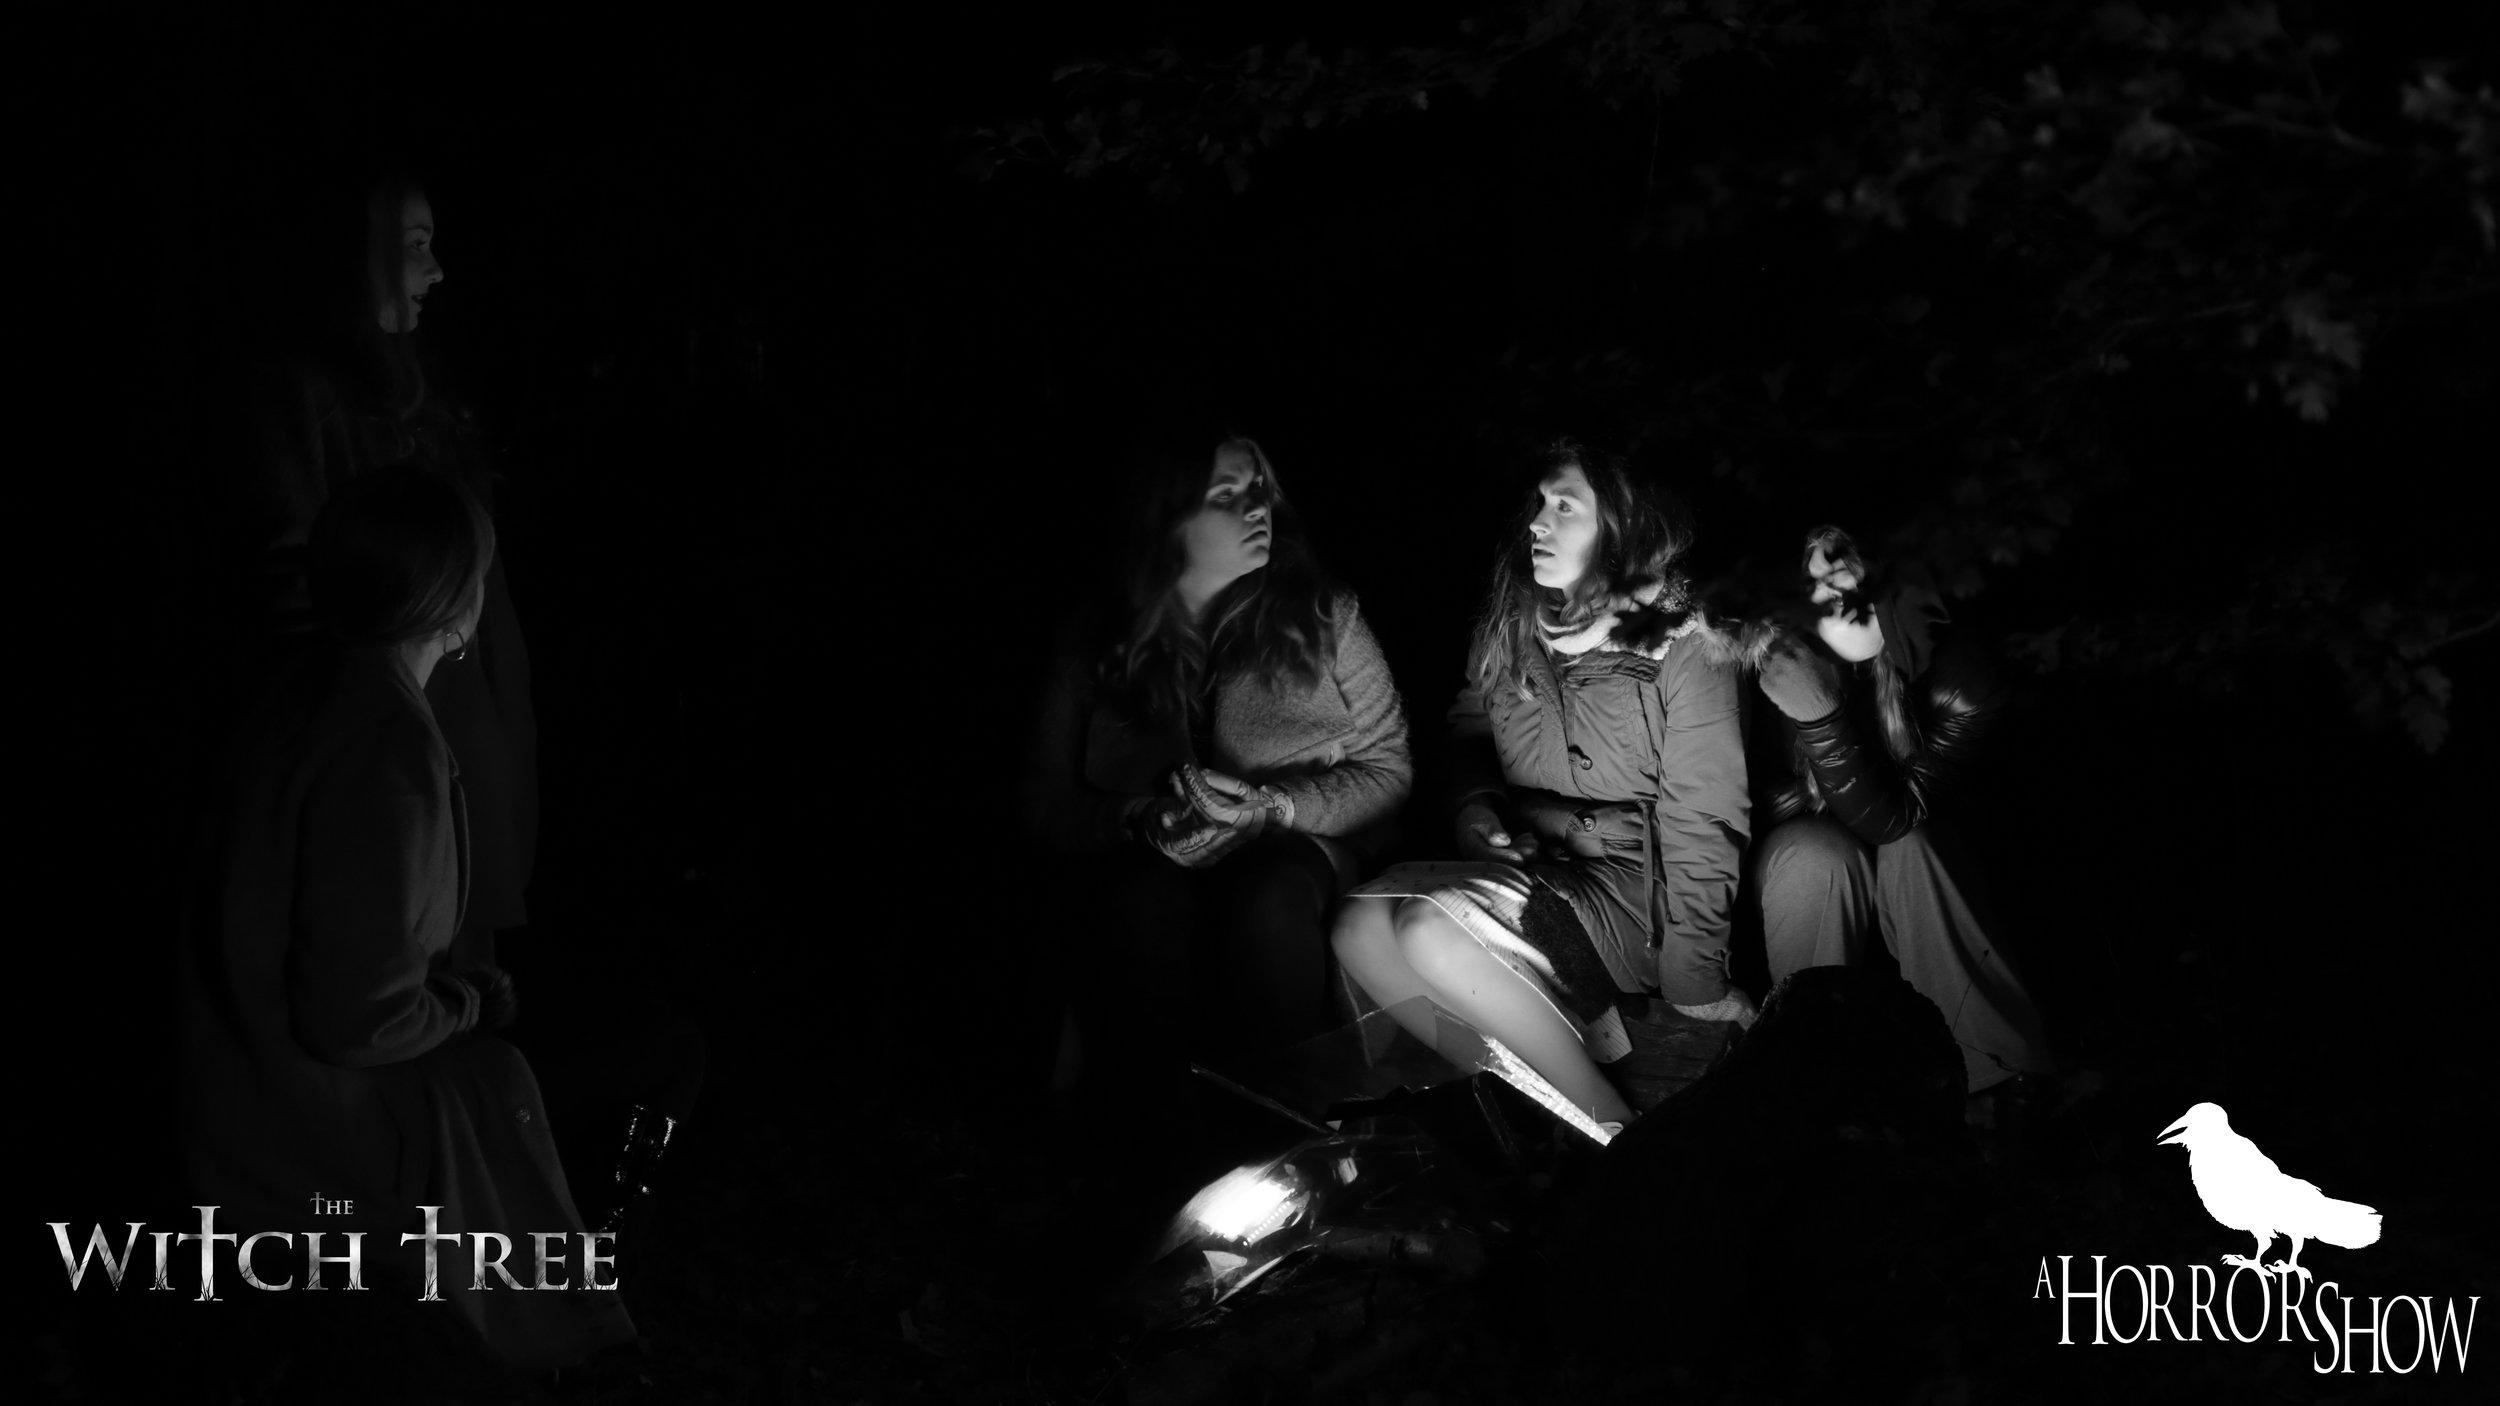 THE WITCH TREE BTS STILLS_050.JPG